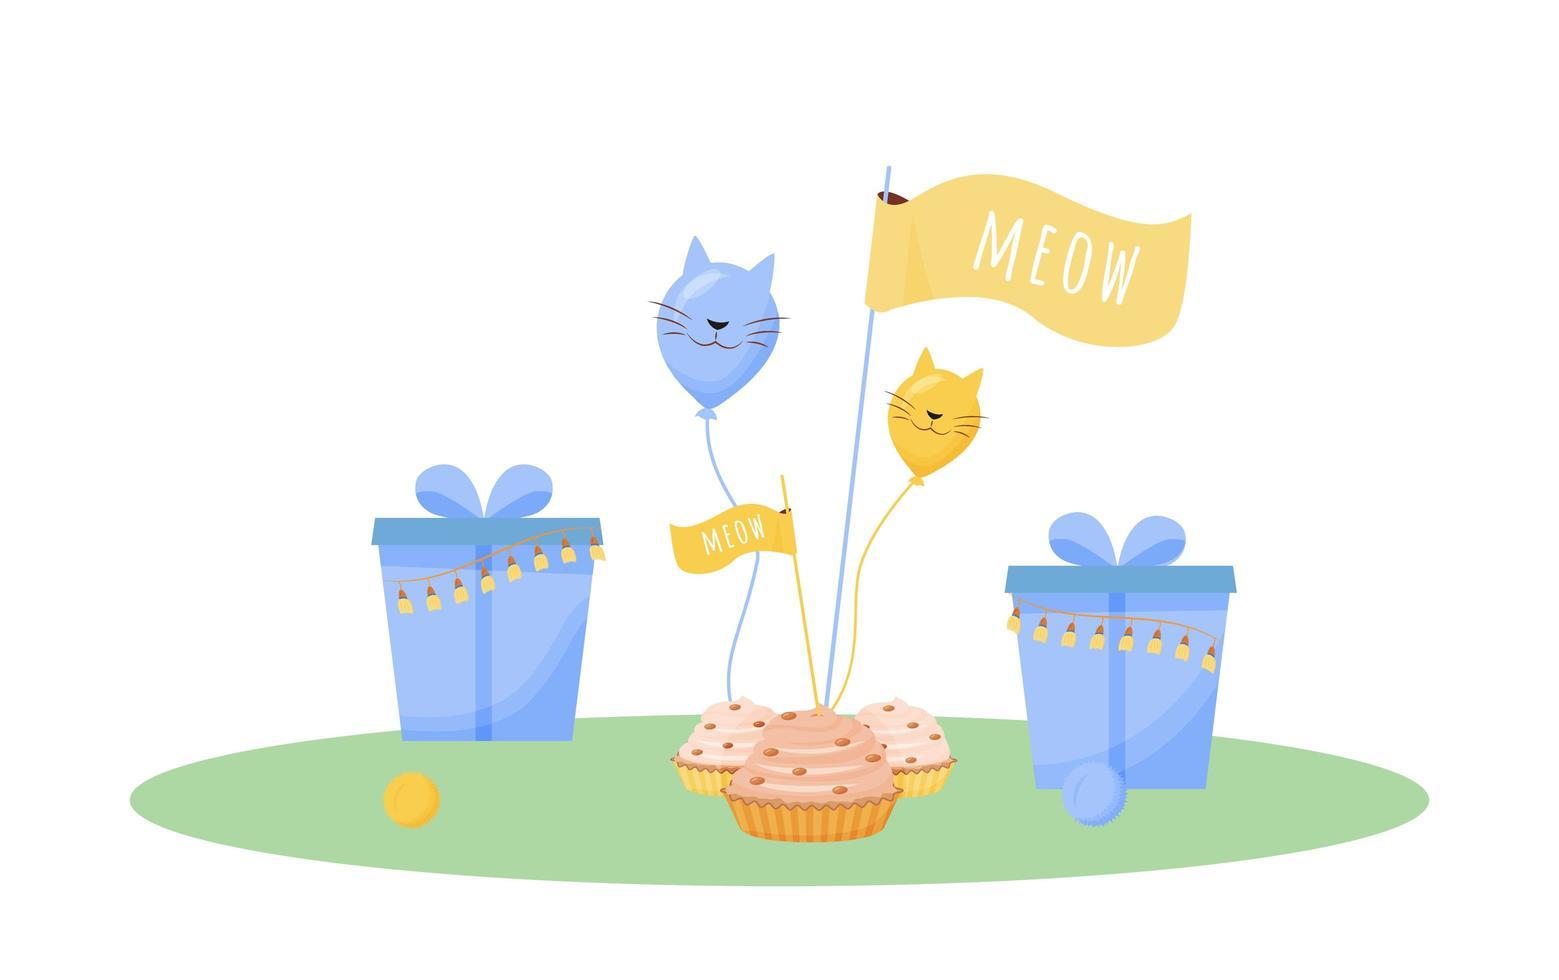 regali di compleanno del gatto vettore